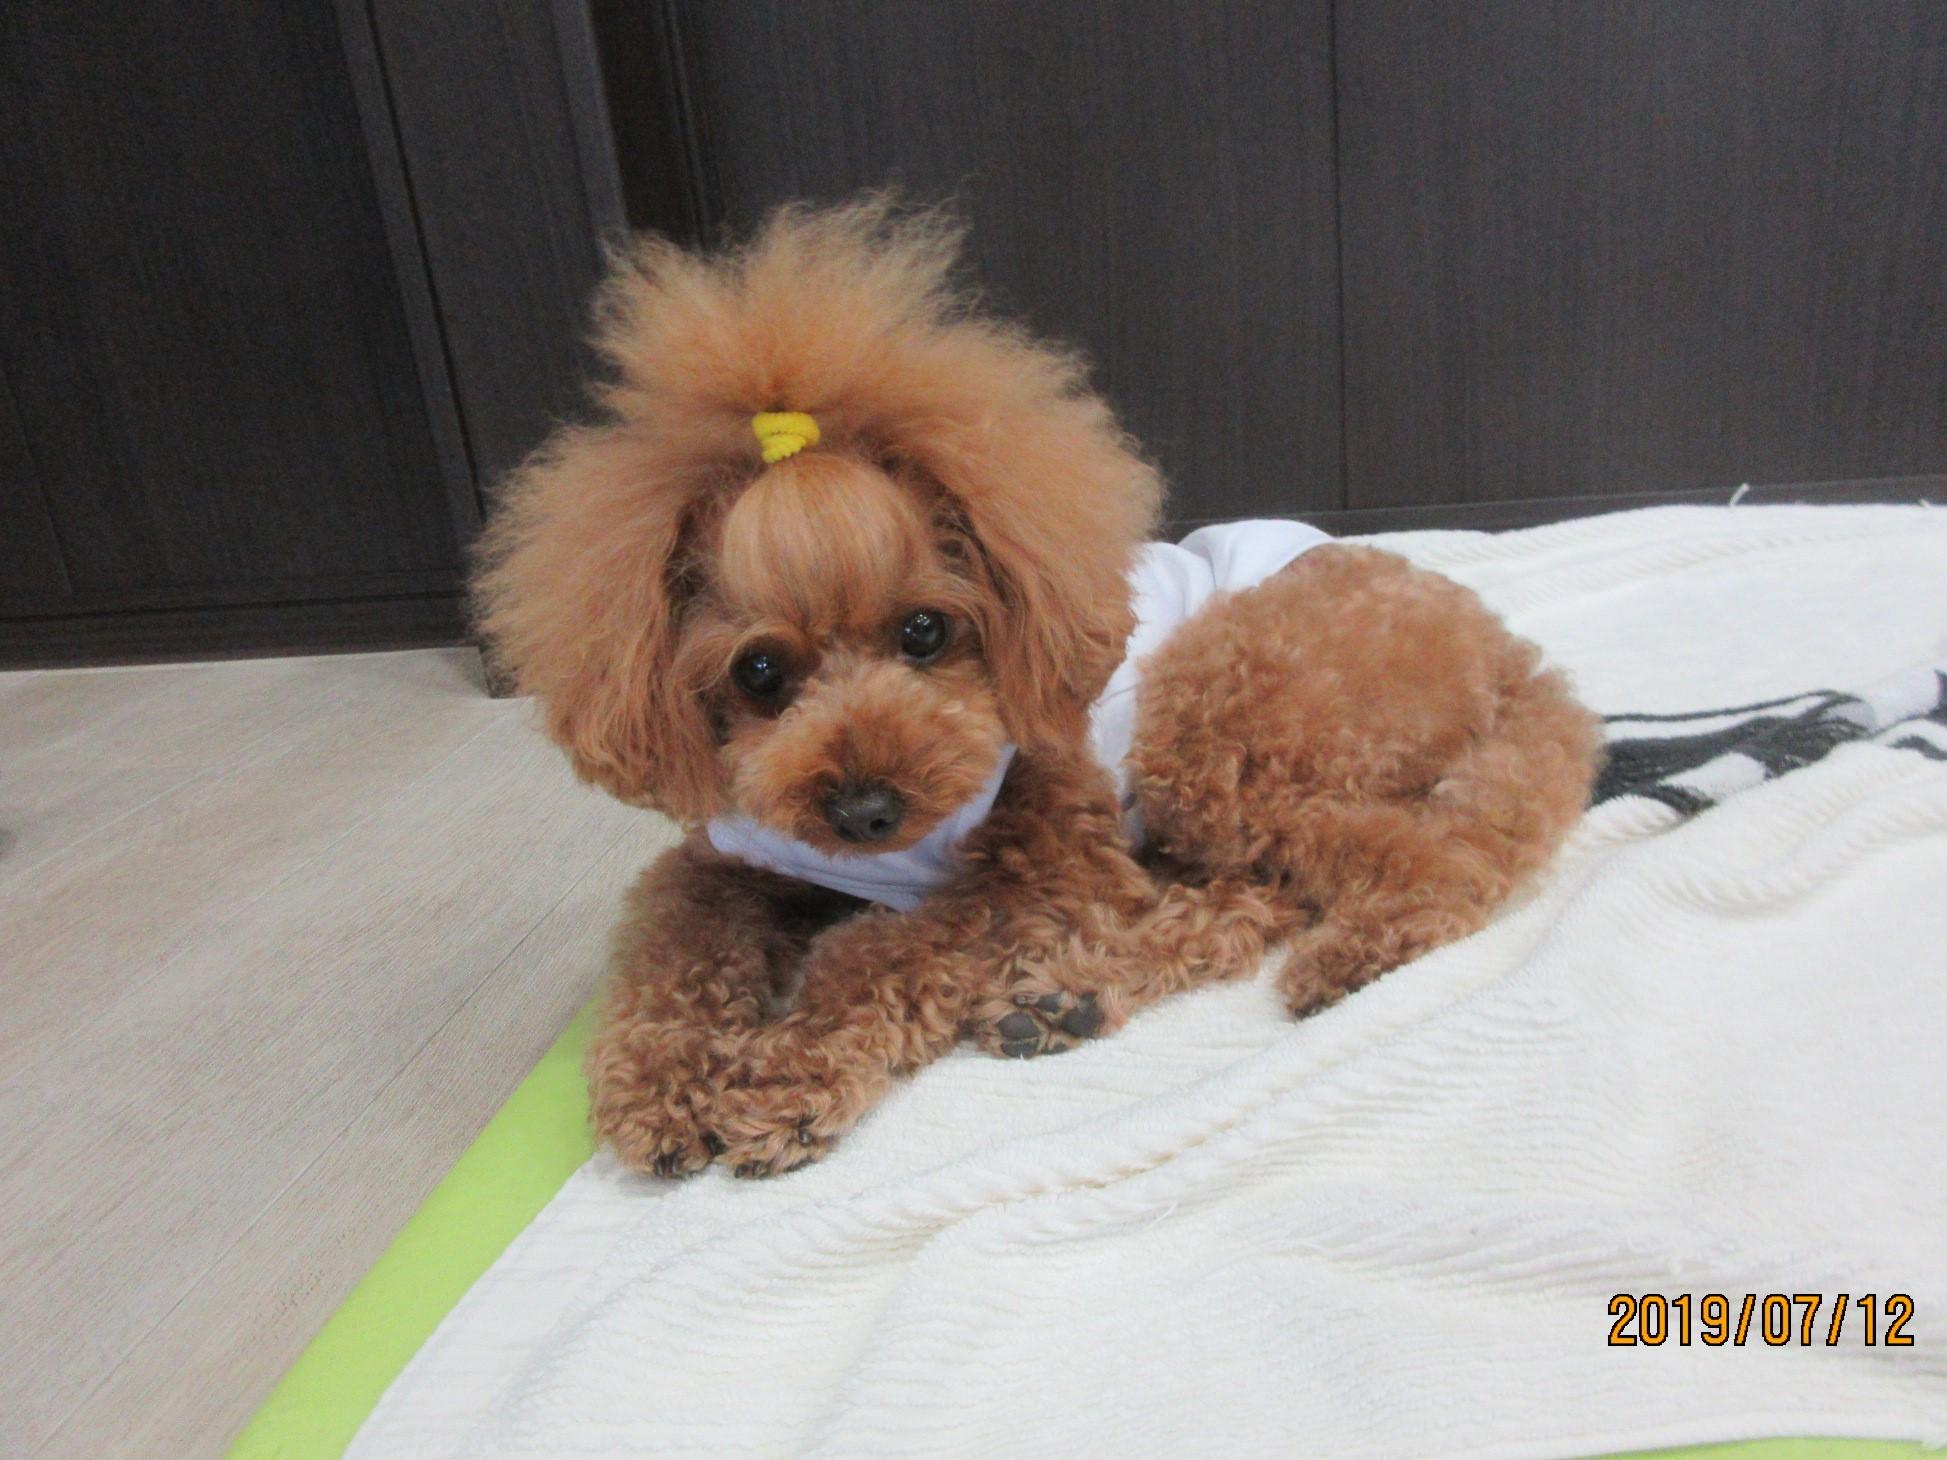 こむぎちゃん(通称むぎちゃん)・犬の保育園Baby・犬・犬のしつけ・犬の社会化